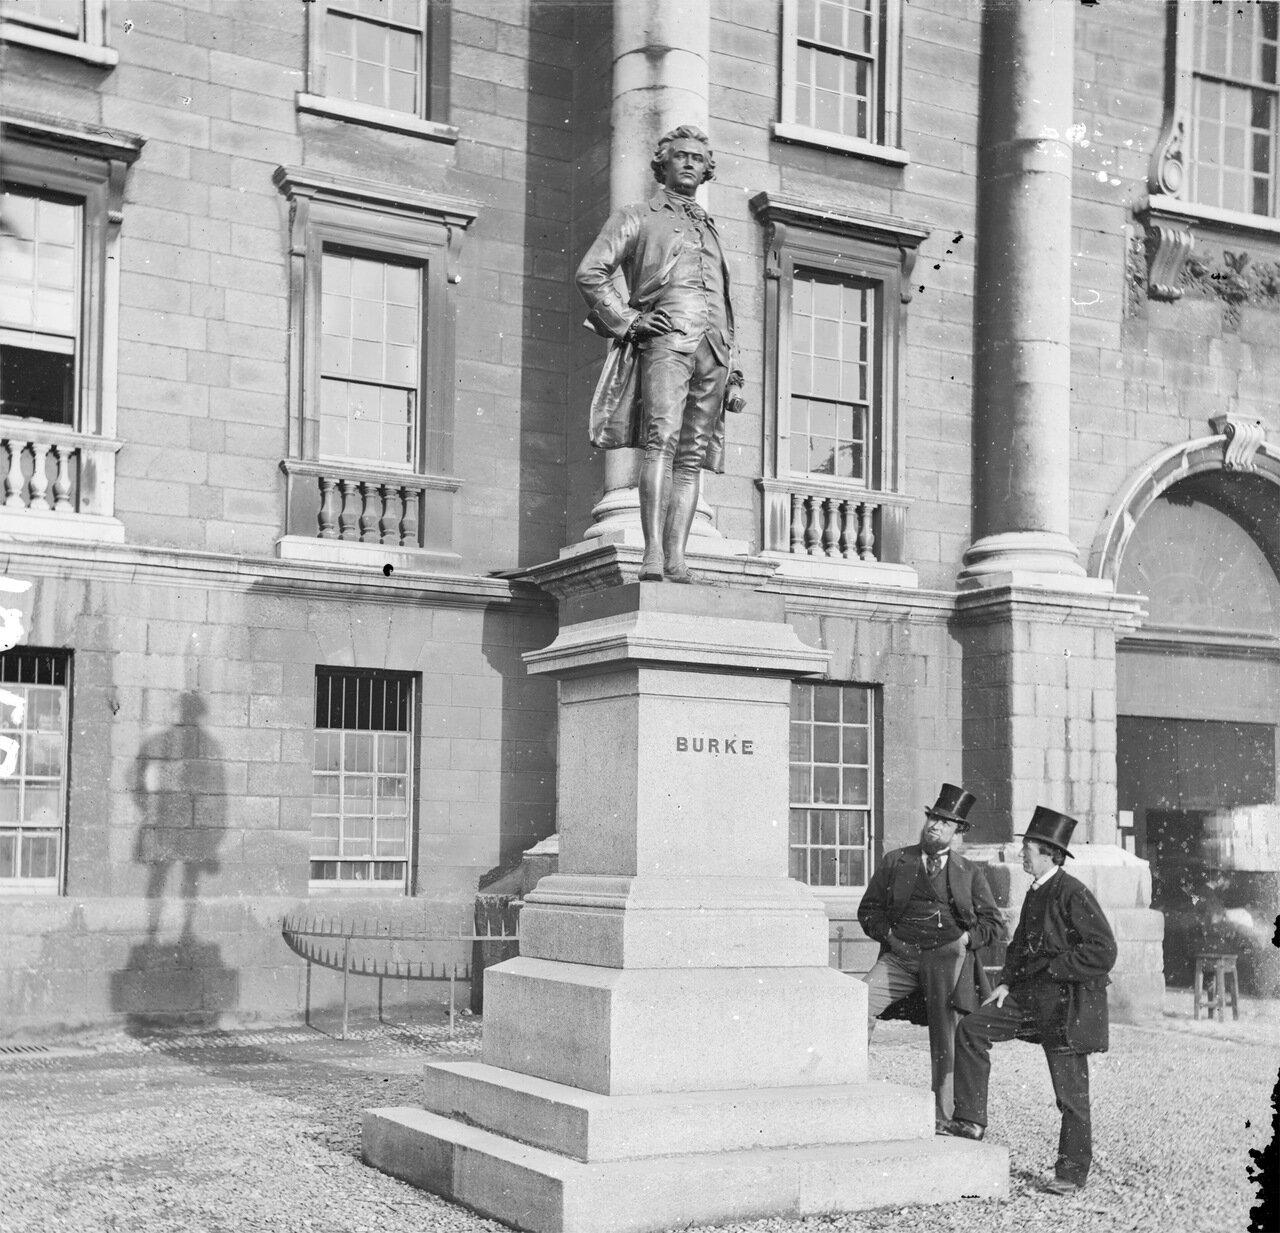 Два господина любуются статуей Эдмунда Берка рядом с Тринити-колледжом в Дублине. 1870-е